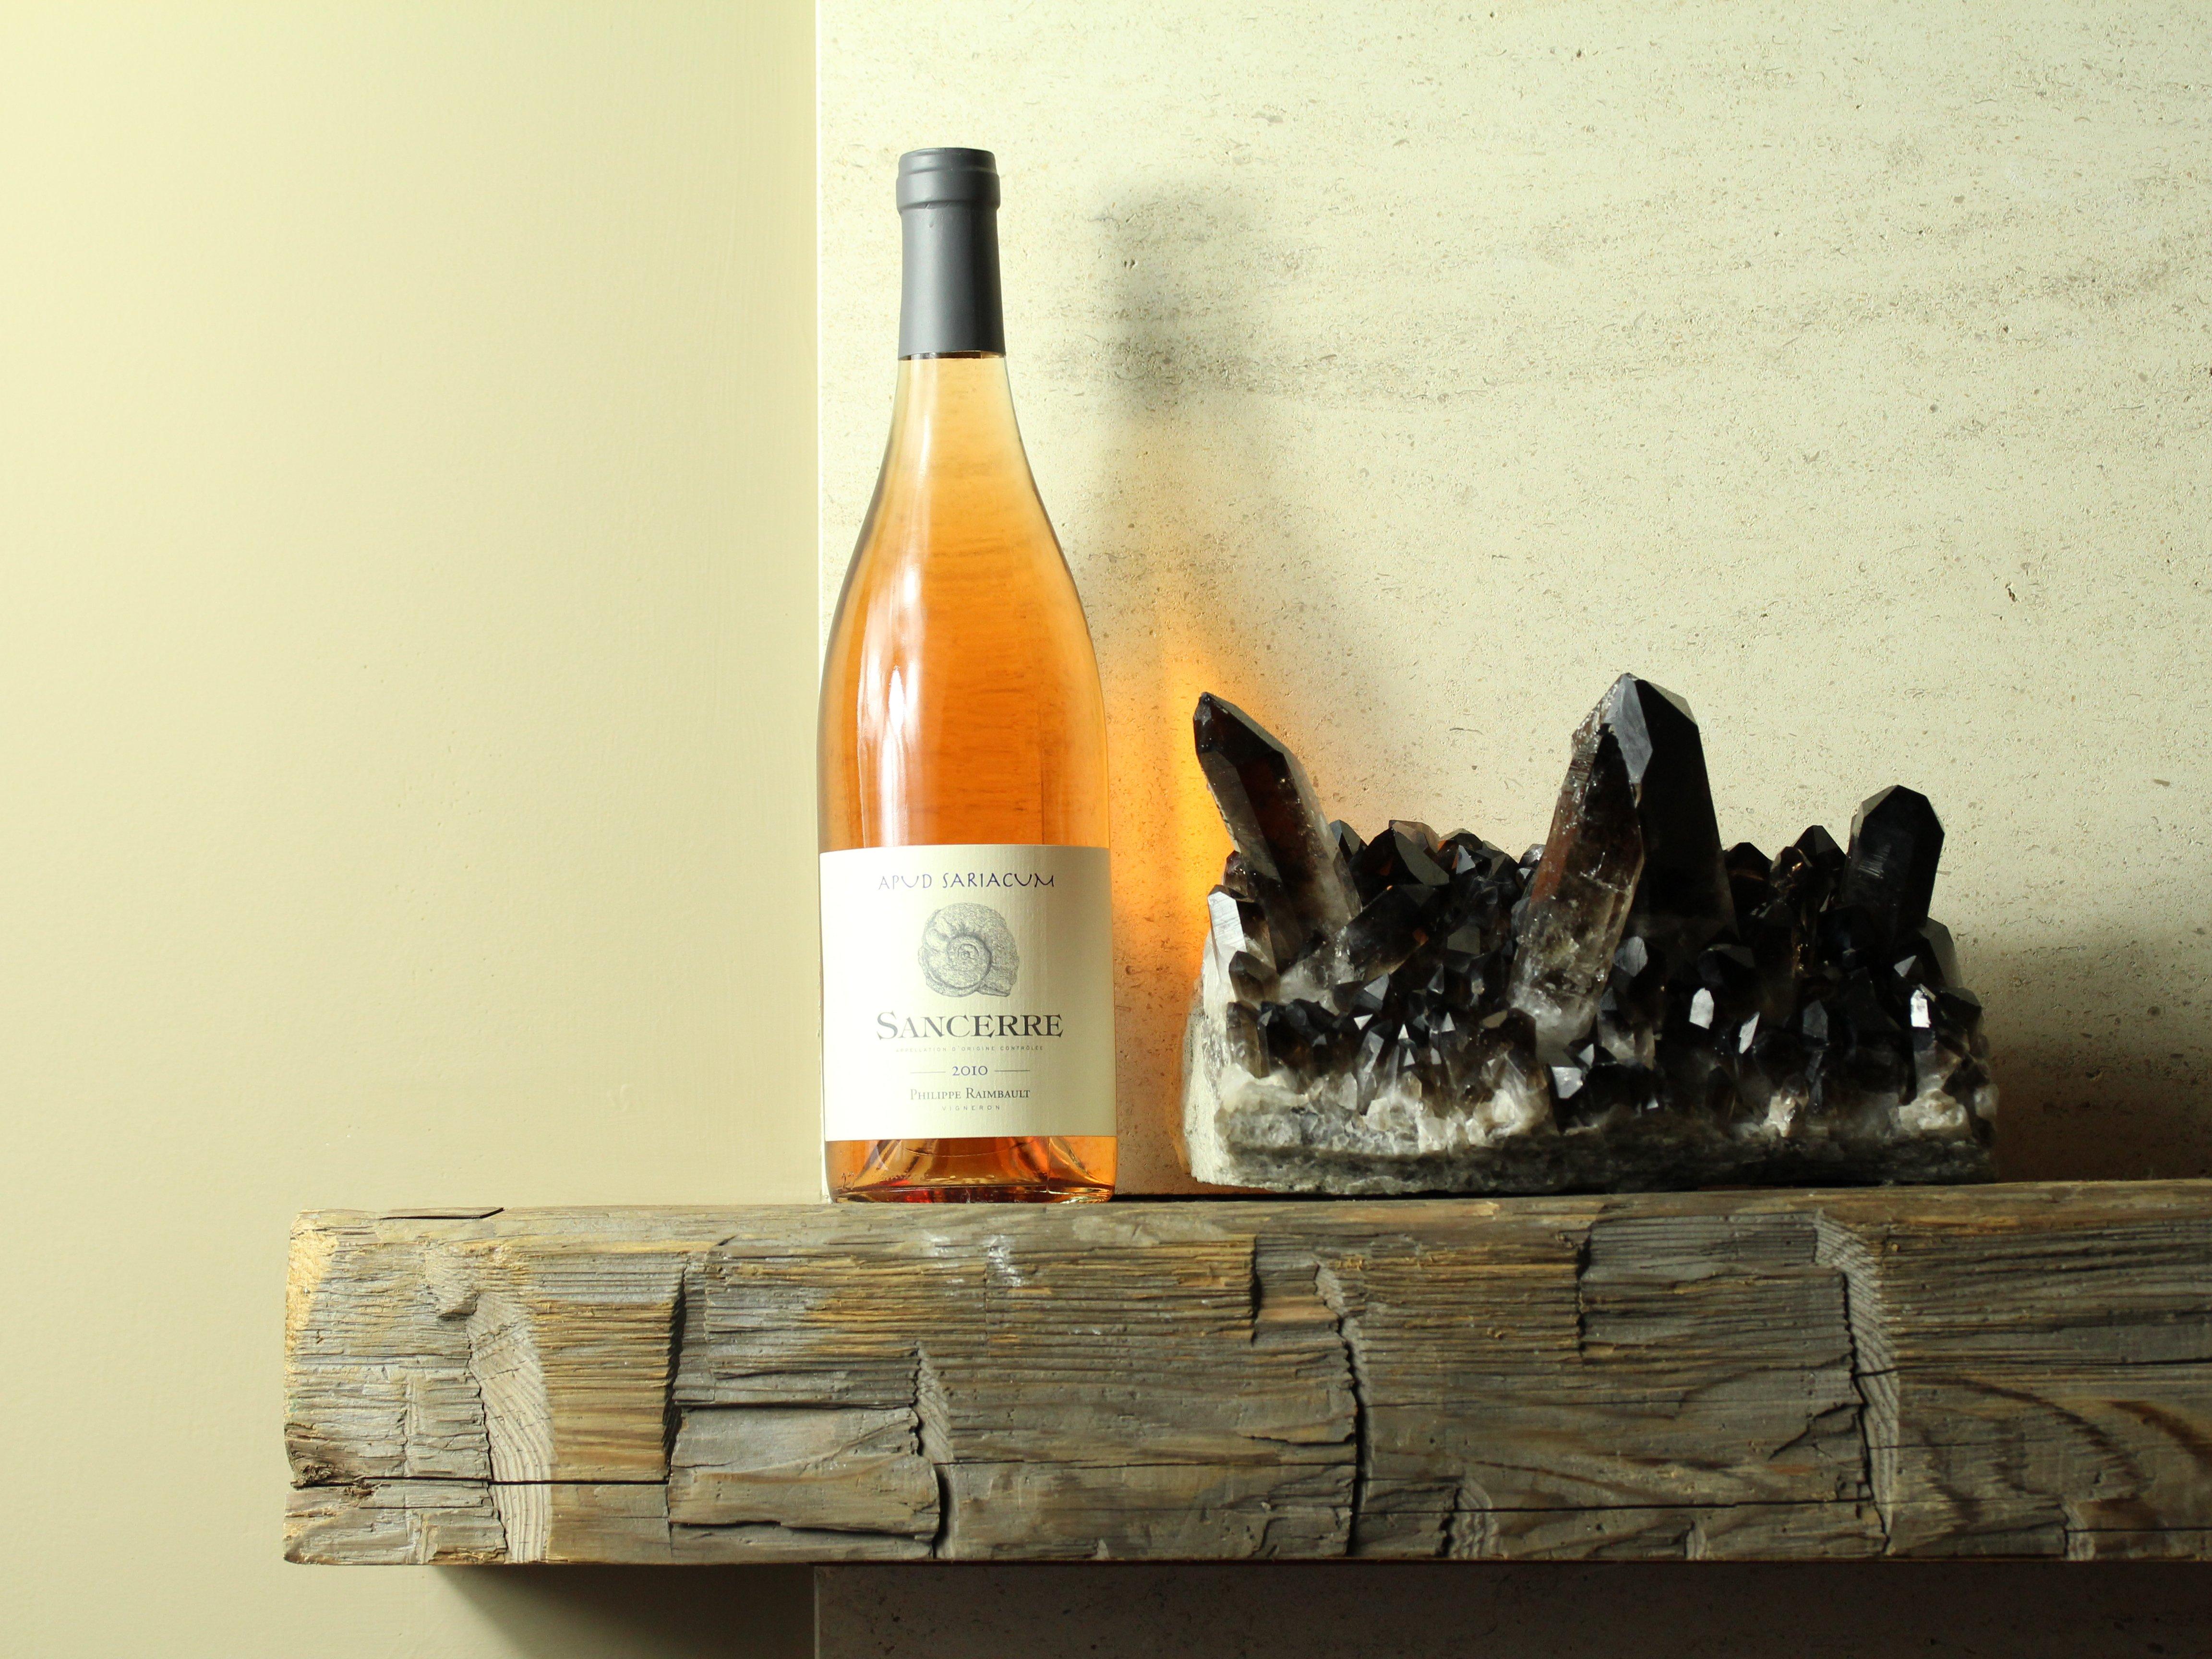 Wine on the shelf